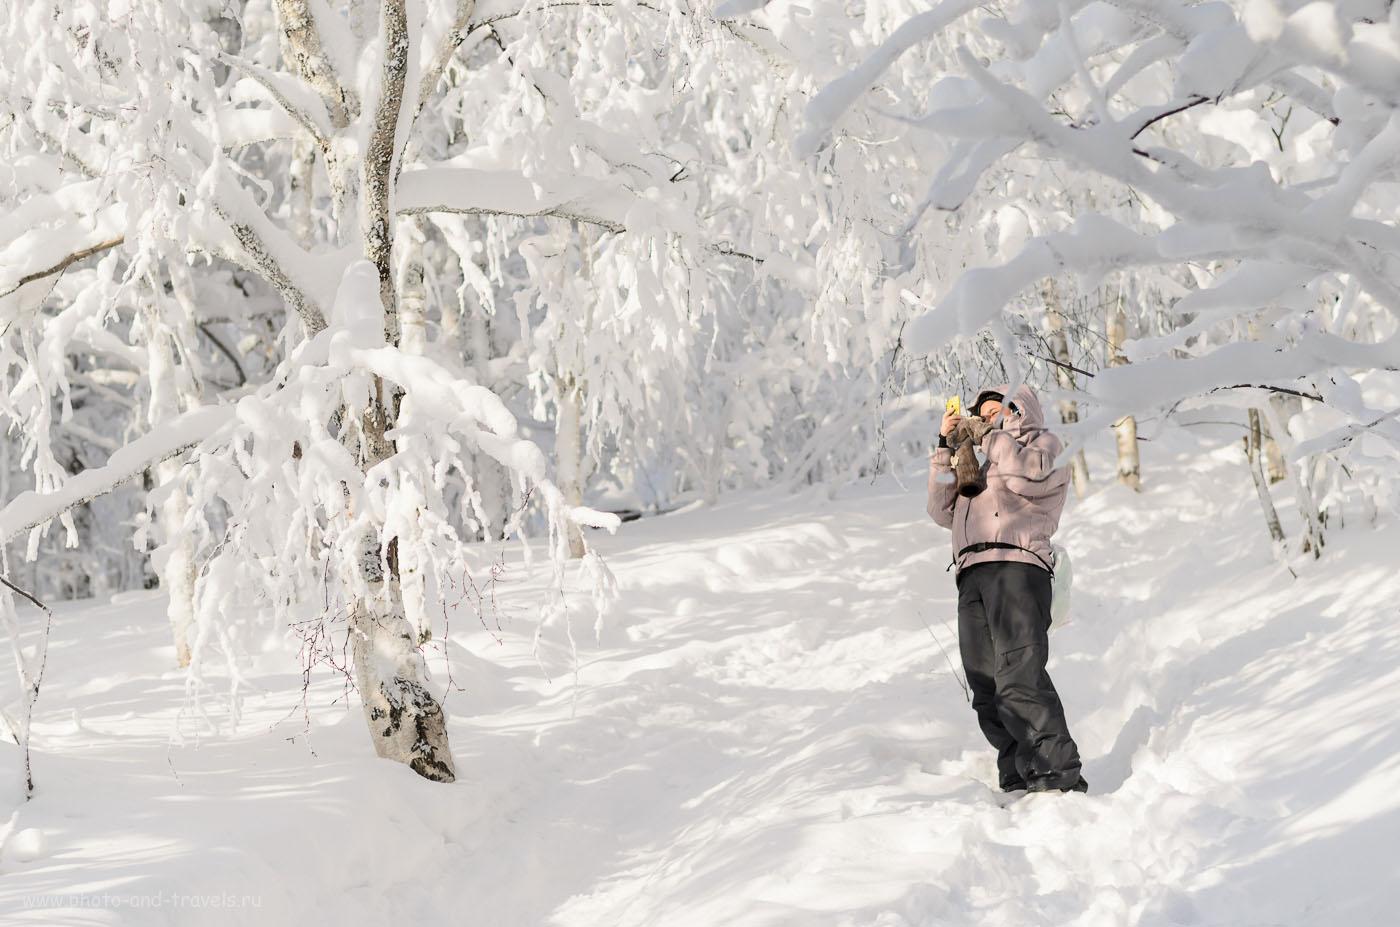 Фото 5. Как выглядит тропа в национальном парке Таганай зимой. 1/4000, 2.5, 200, 50.